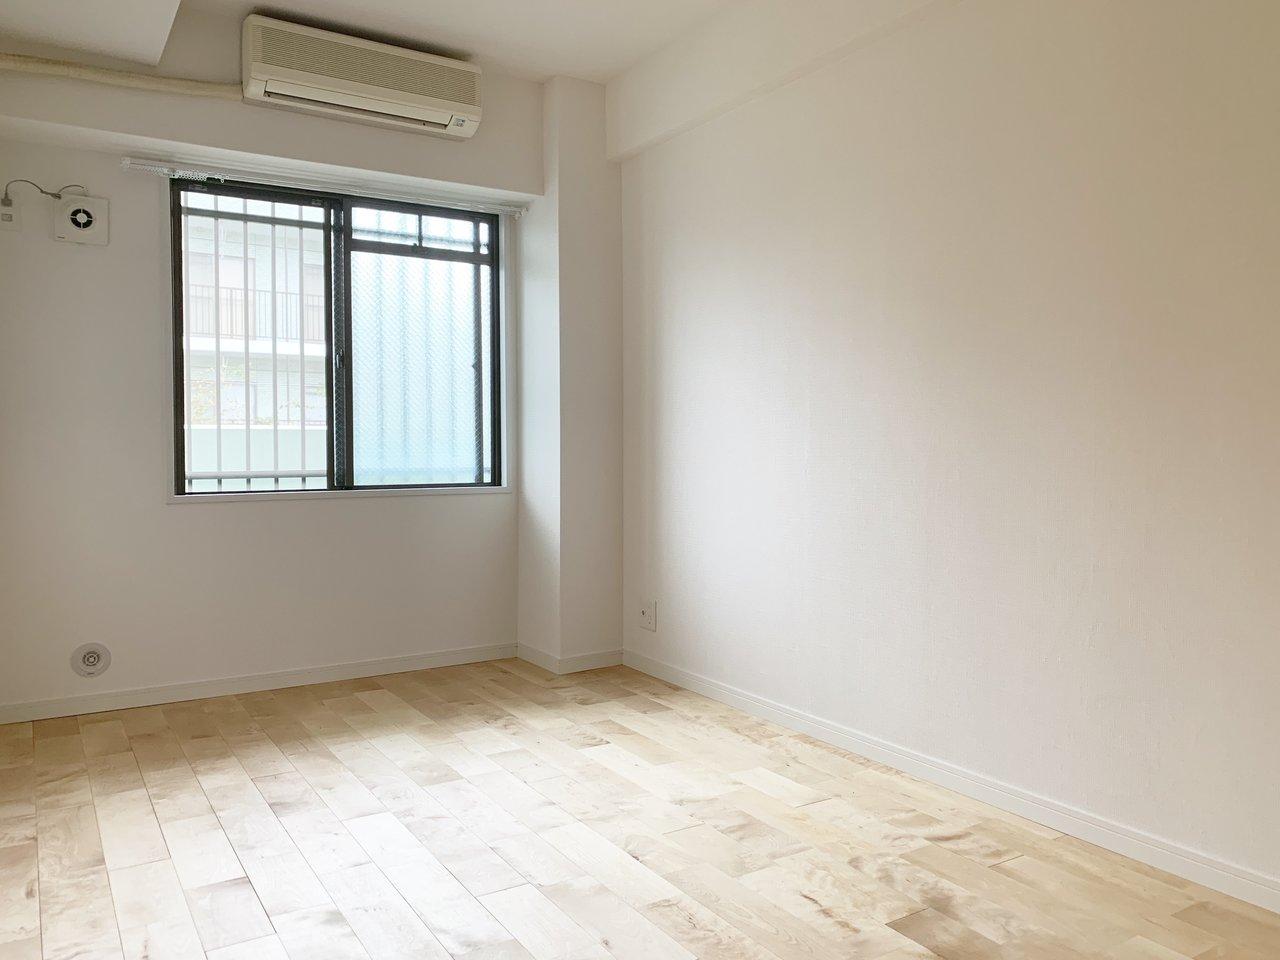 洋室もそれぞれ収納スペースつき。お客様用の布団なんかもちゃんと用意できそうですね。